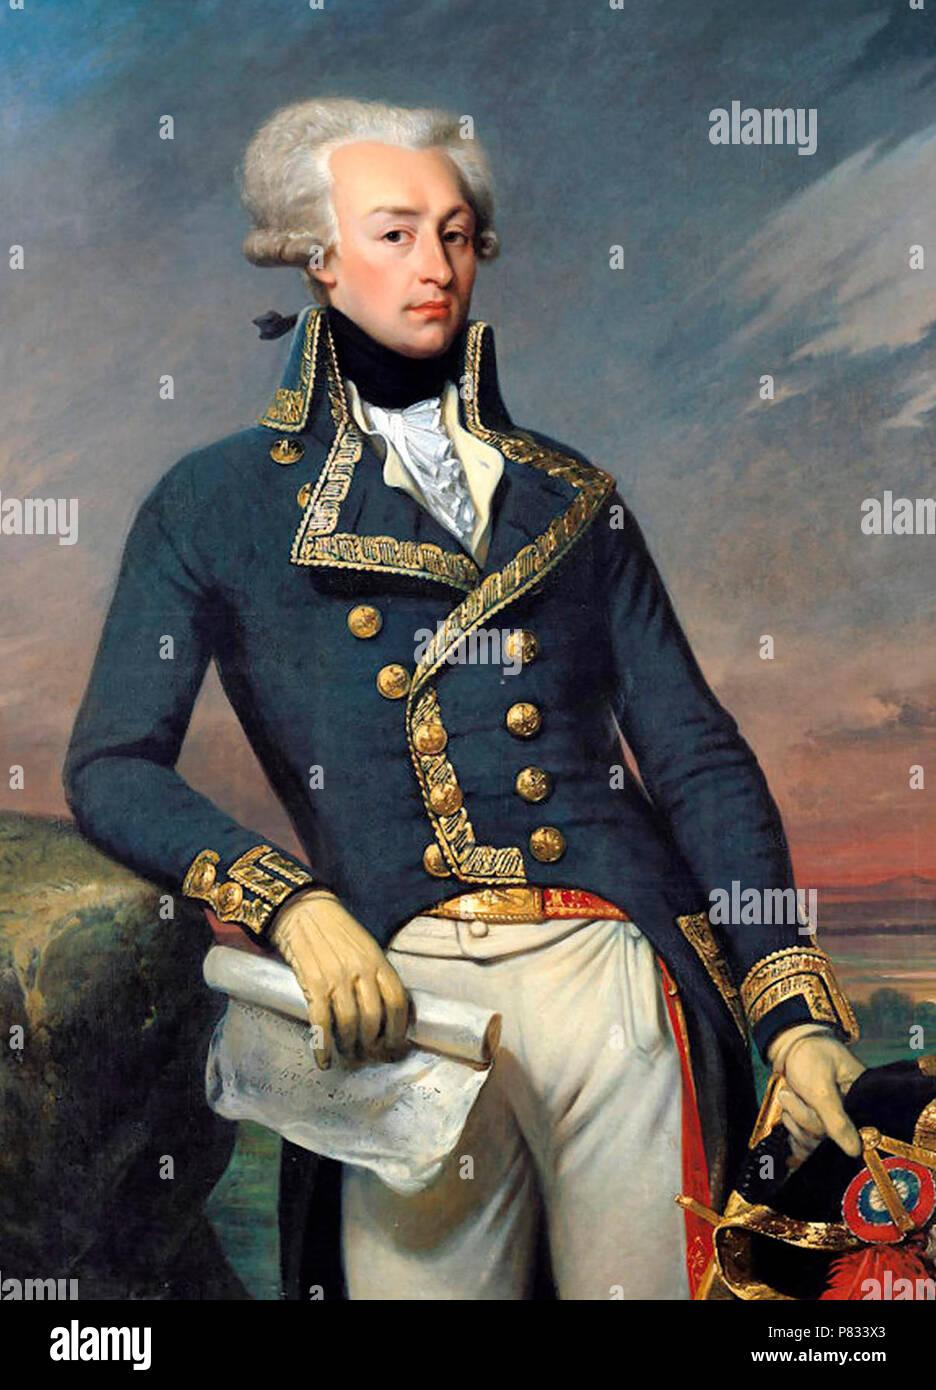 Portrait of Gilbert Motier the Marquis De La Fayette as a Lieutenant General, 1791 - Joseph-Desire Court, 1834 - Stock Image